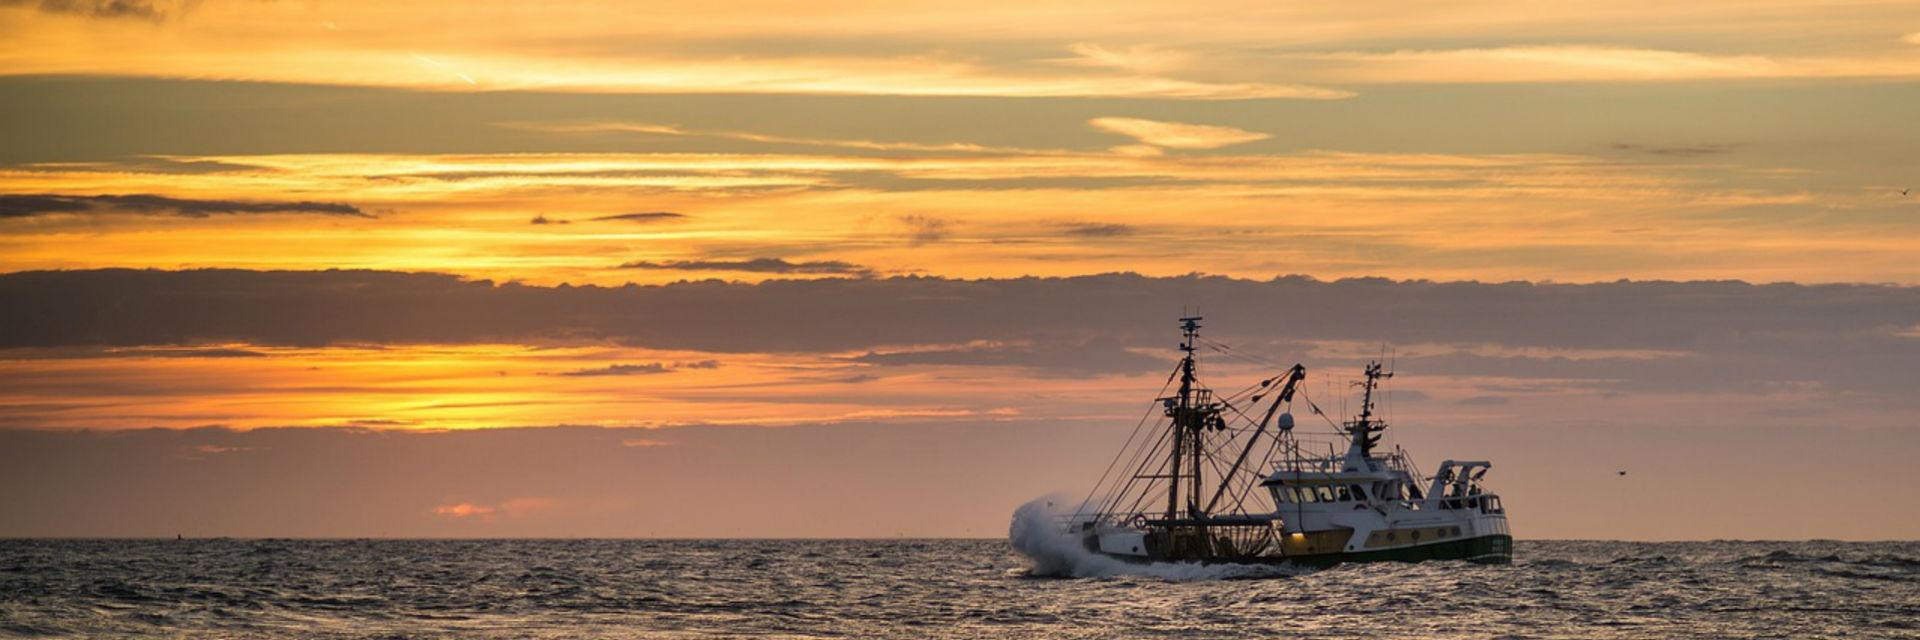 Barco pesca bonito